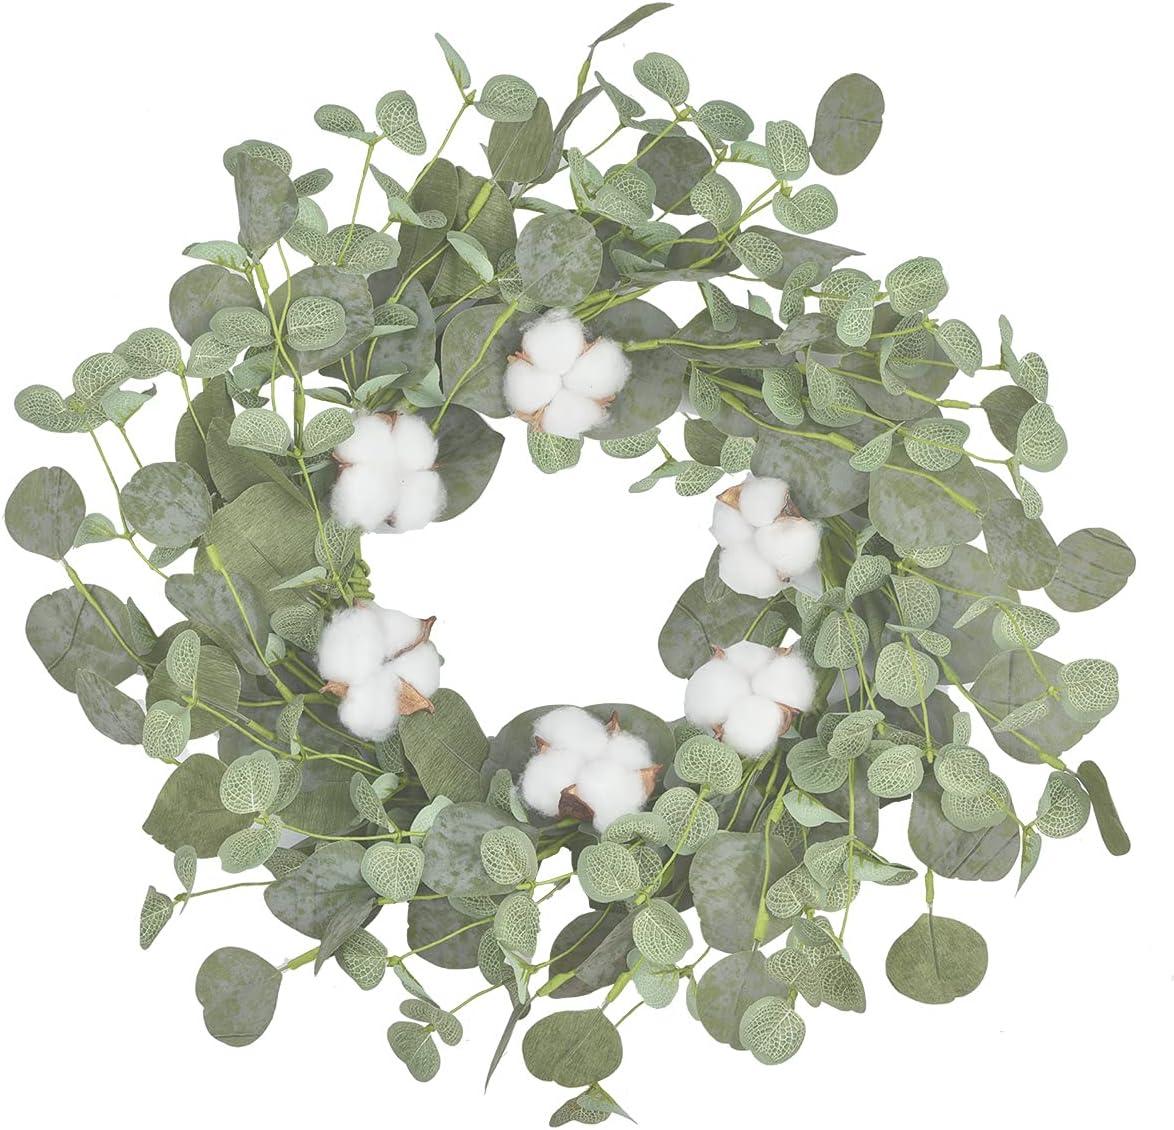 Eucalyptus Leaves Wreath Cotton Wreath - 15Inch Farmhouse Wreath Handmade Wreathes for Home Wall Door Decor